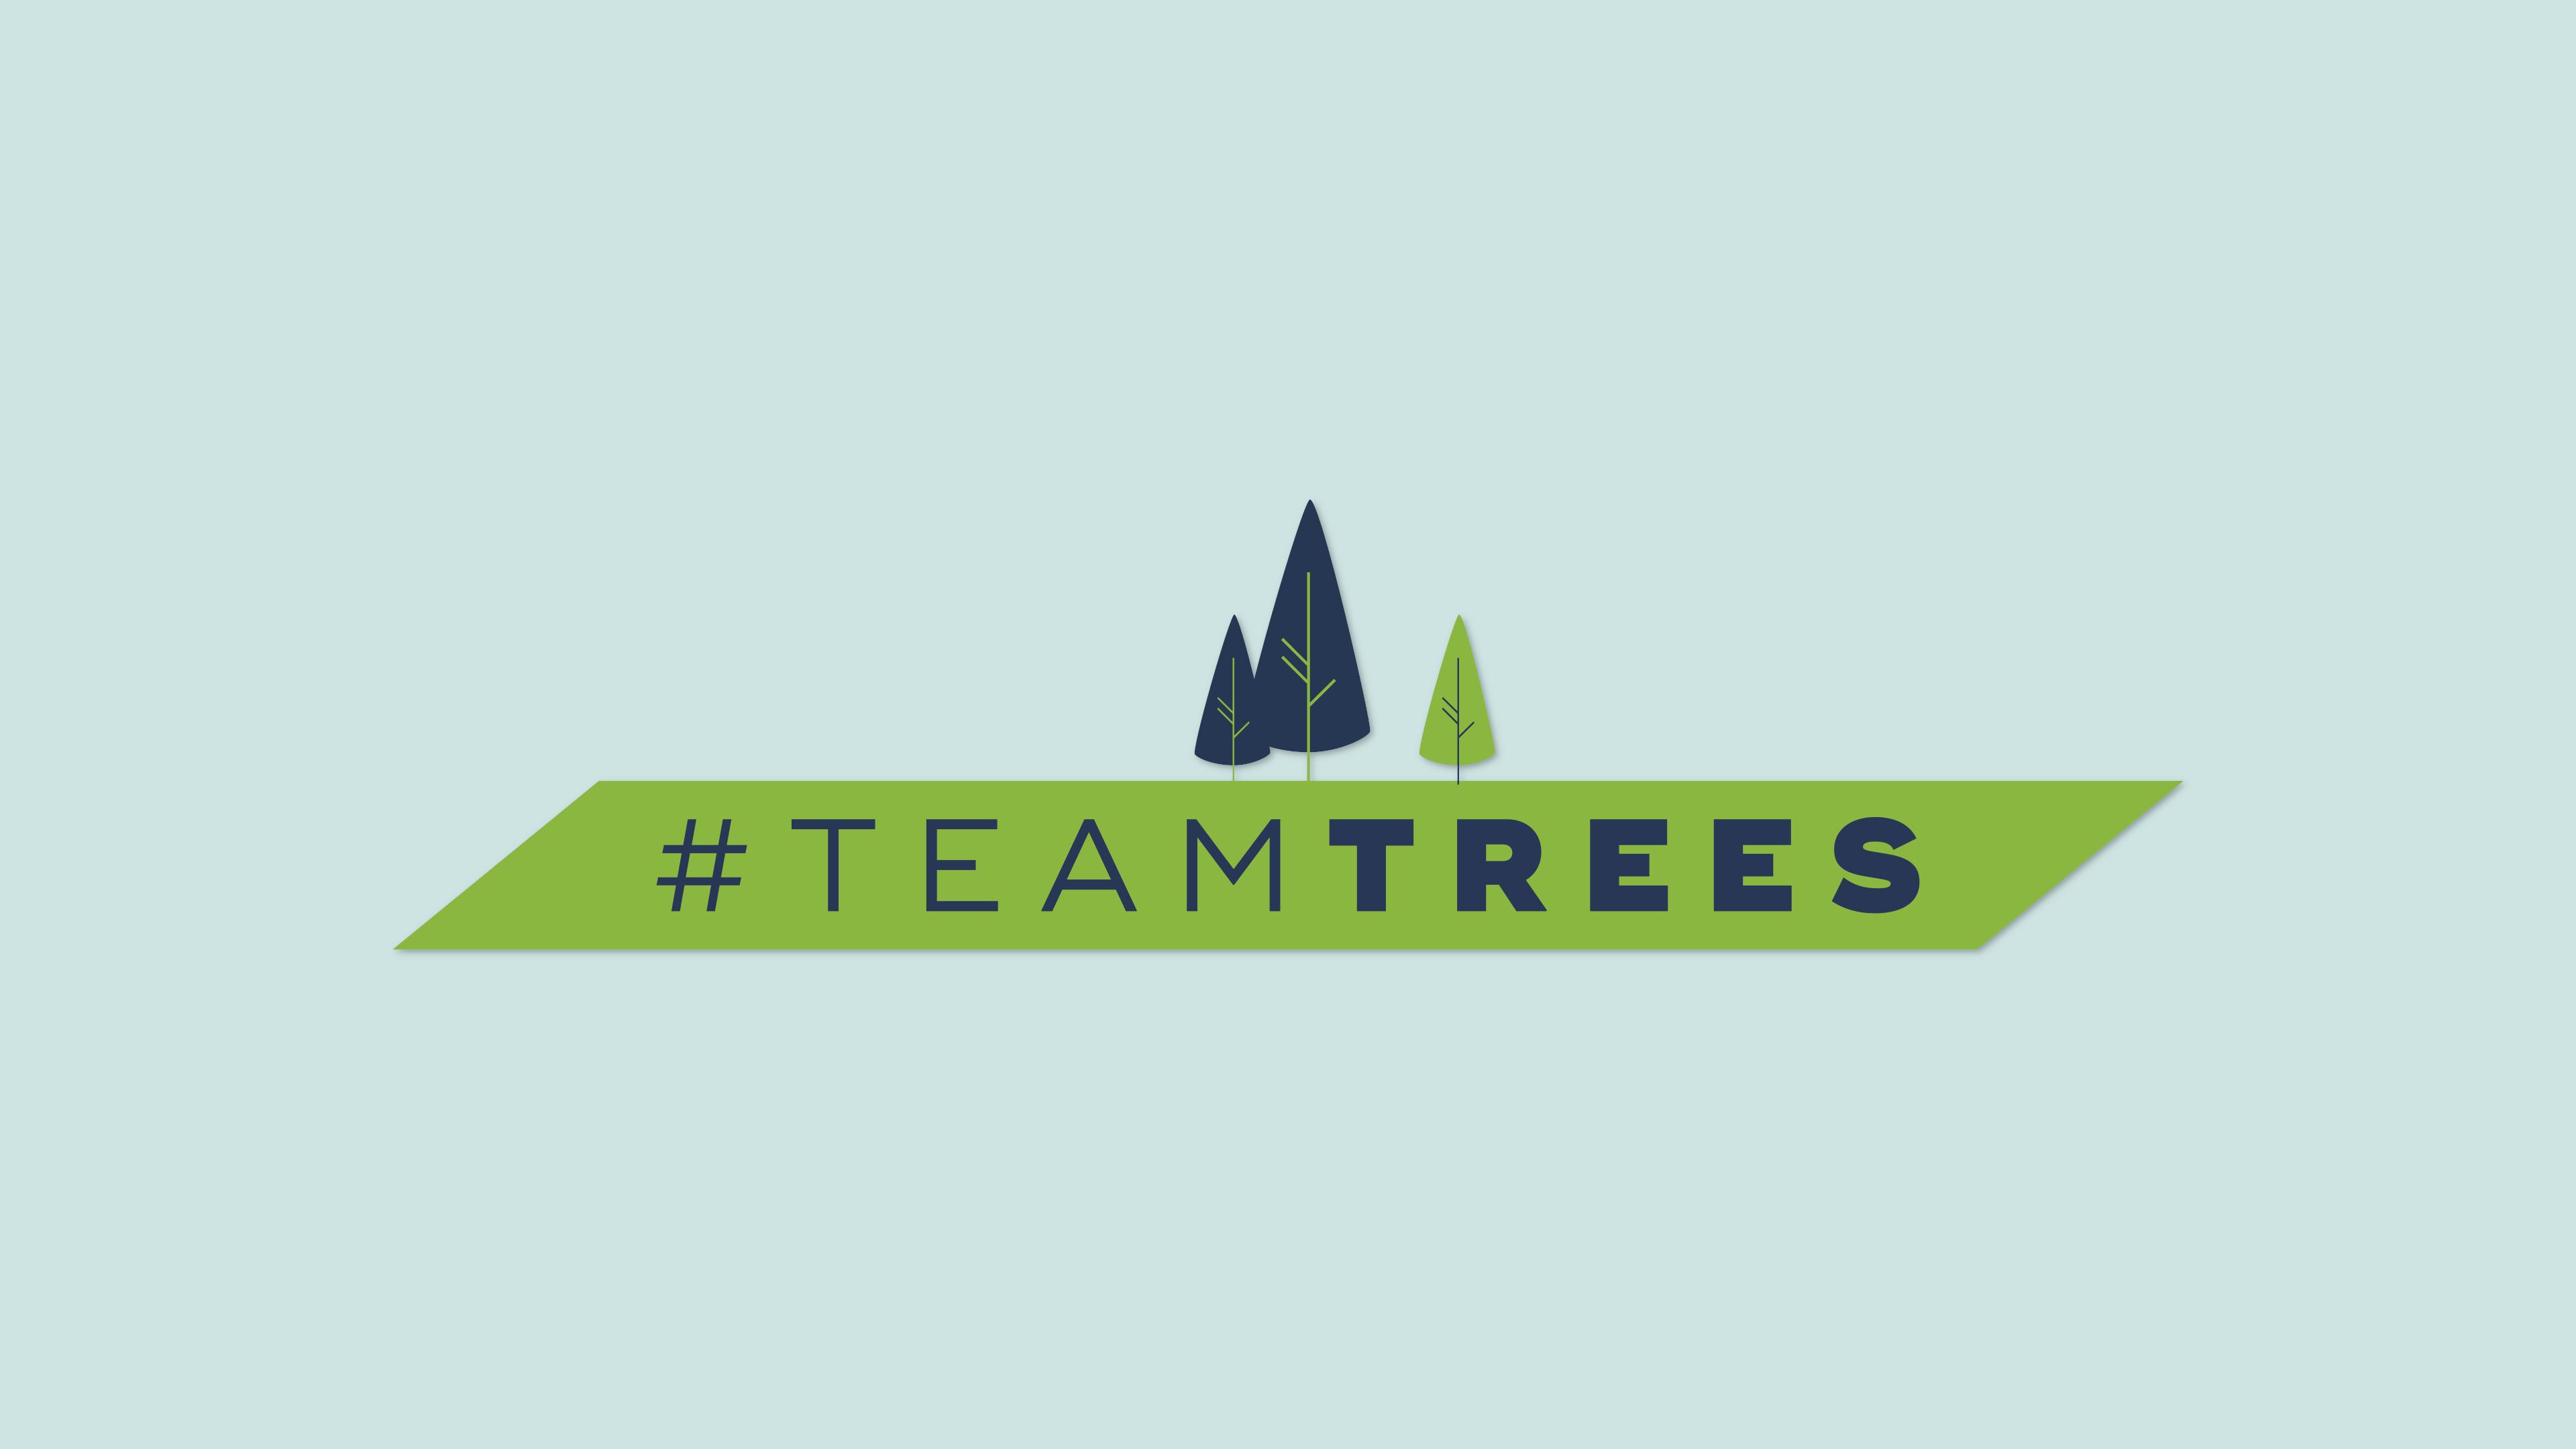 #TeamTrees: 20 миллионов новых деревьев для борьбы с изменениями климата